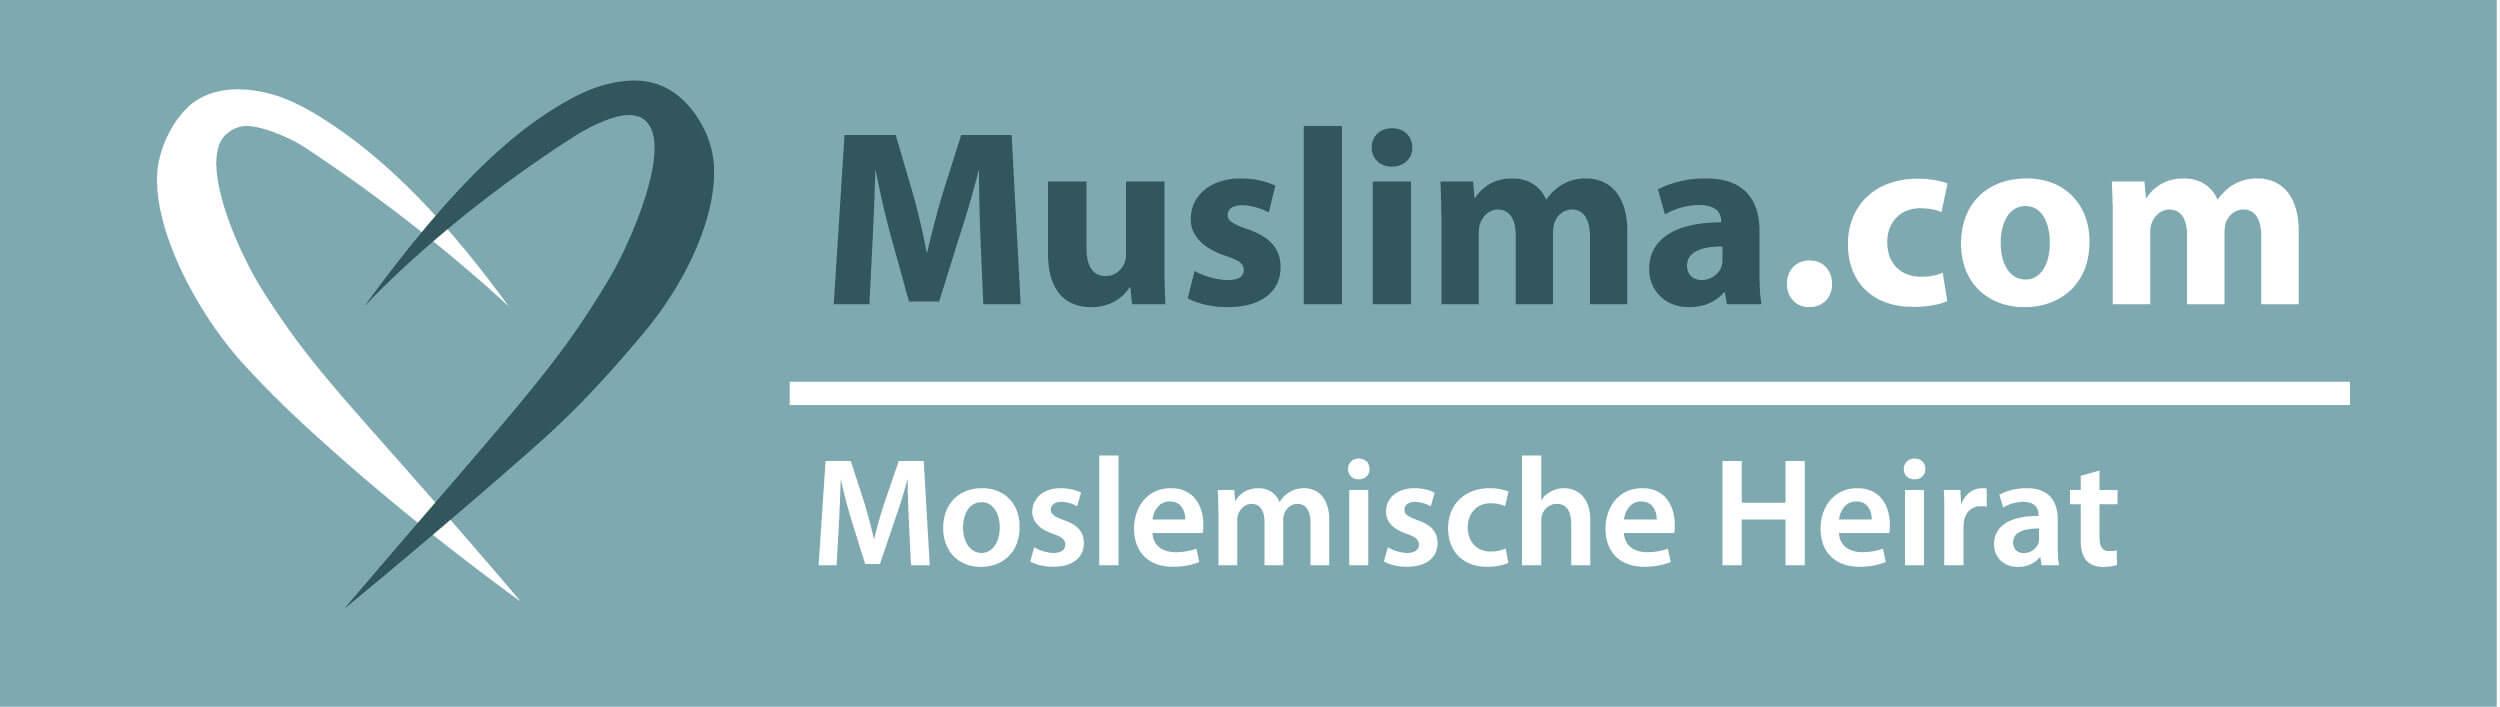 Muslima.com im Test